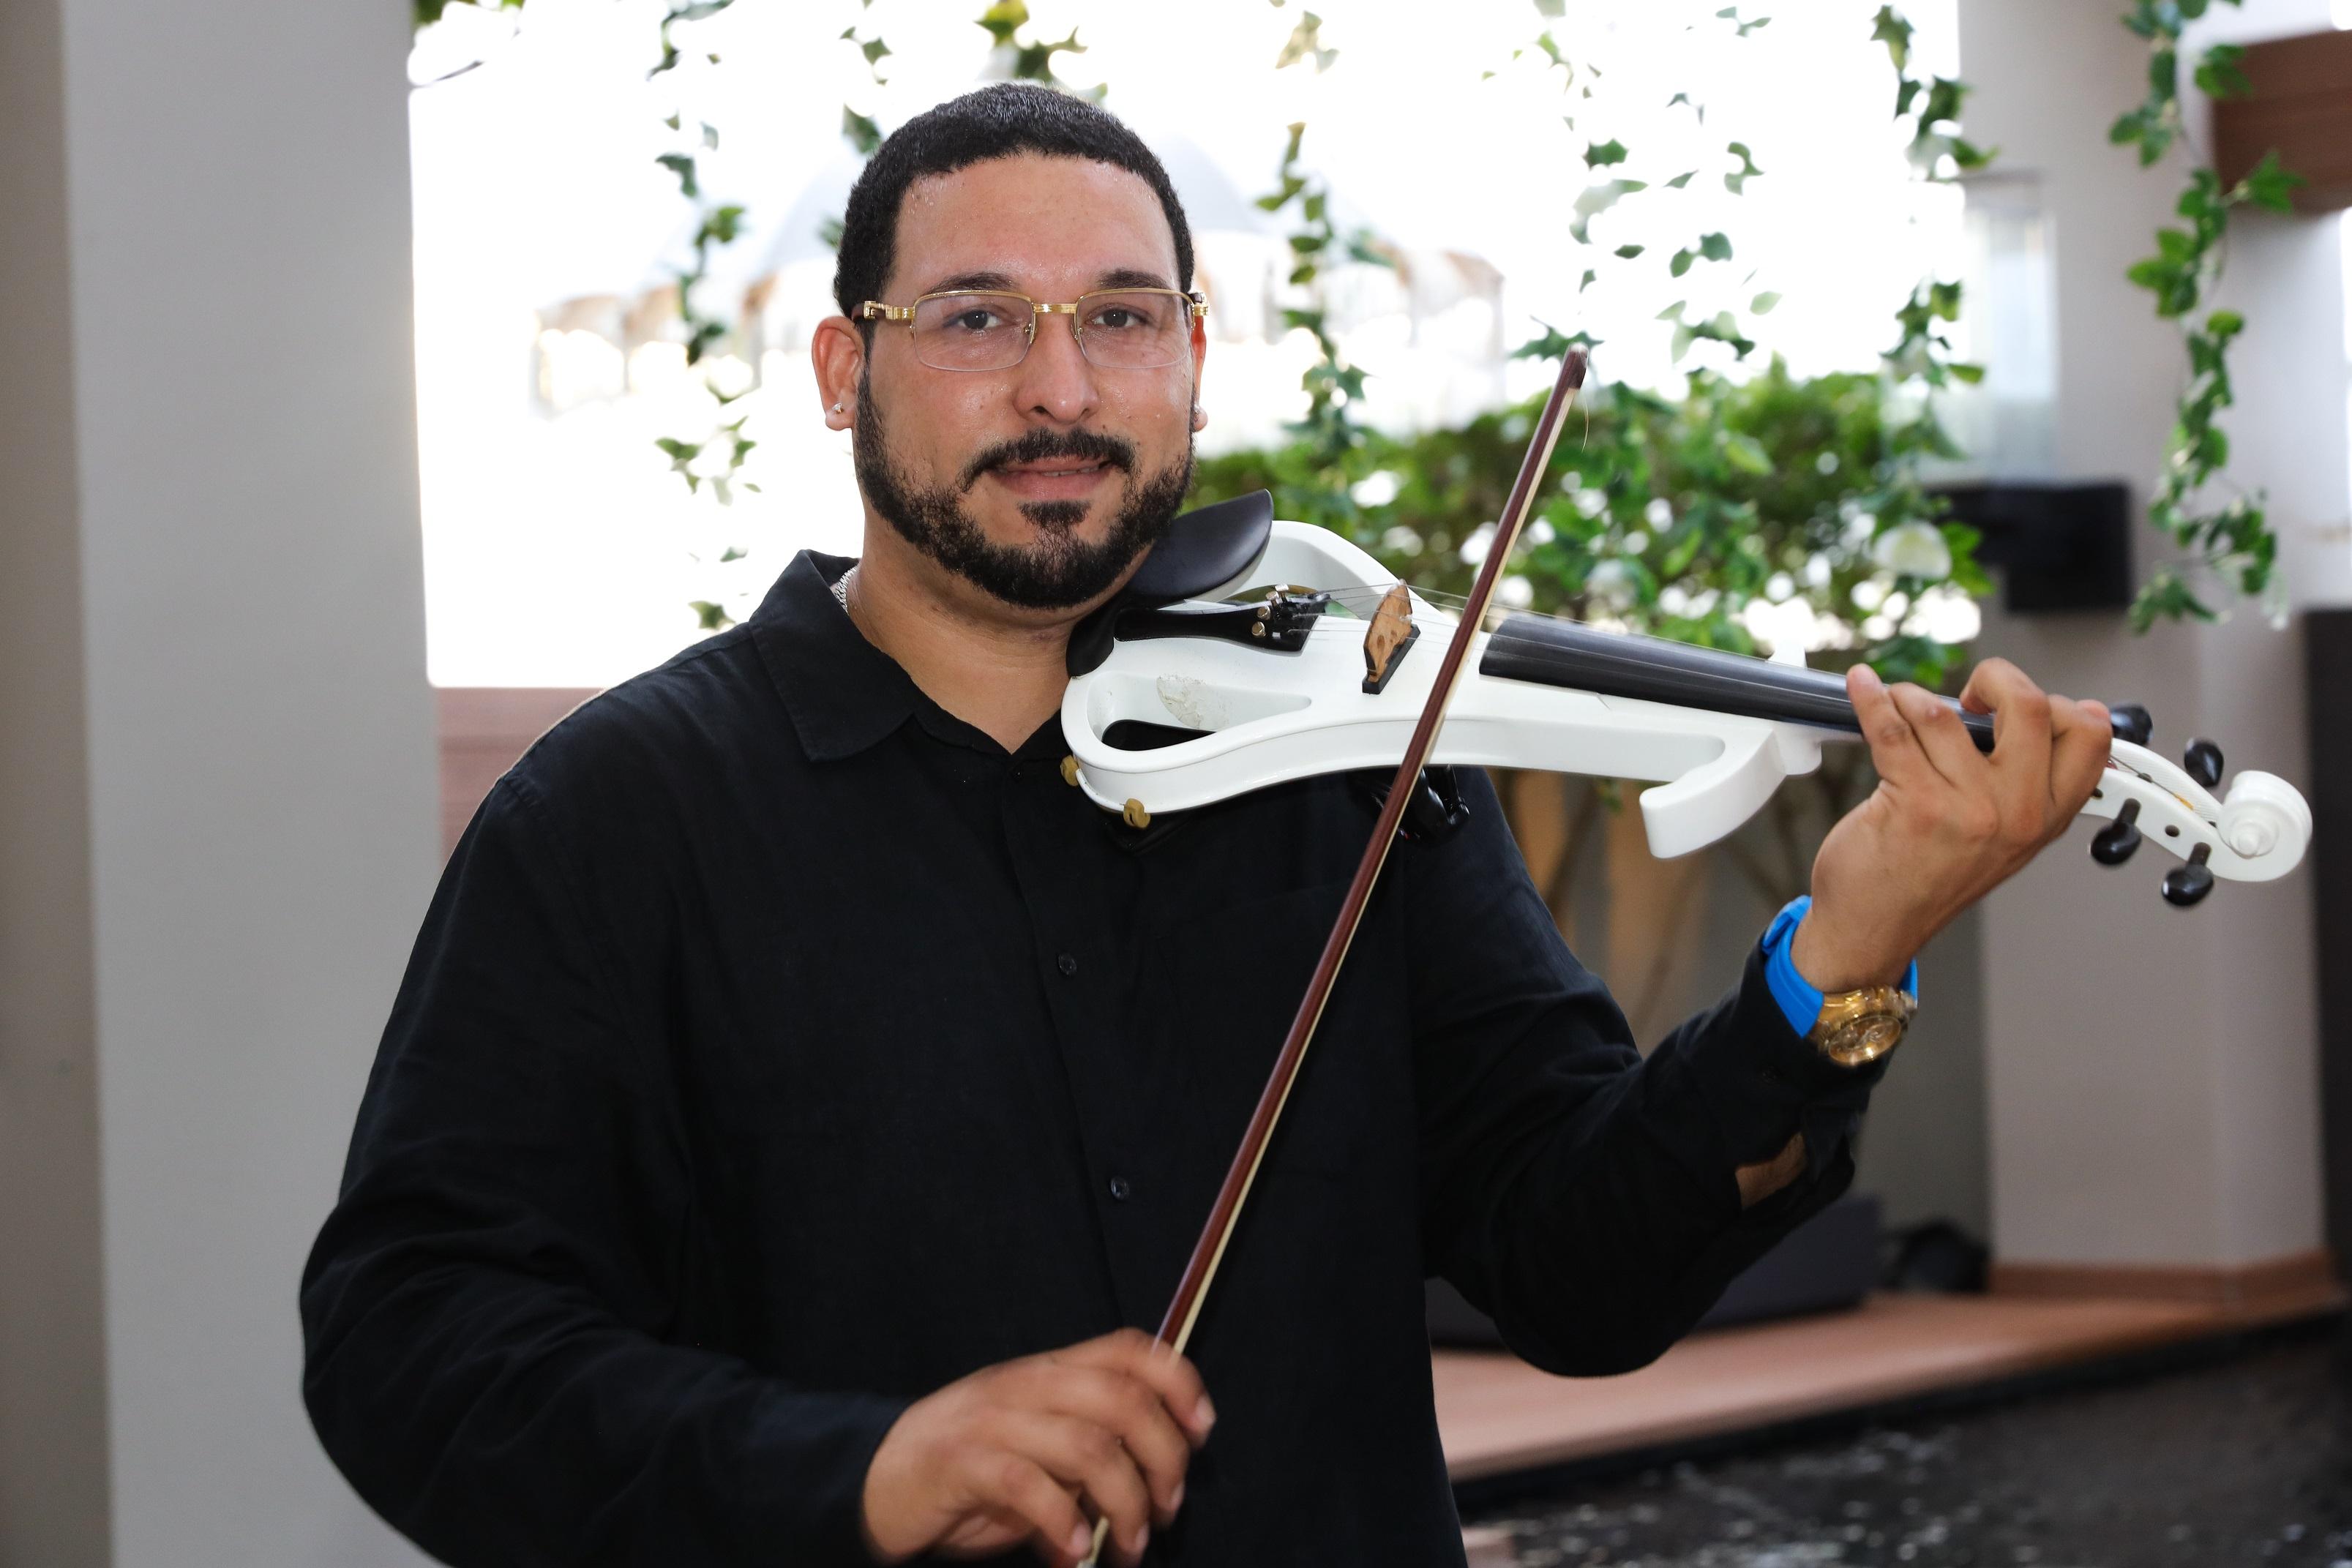 El violinista Benjamín Delgado deleitó a los presentes. (Suministrada/Karina Margary)